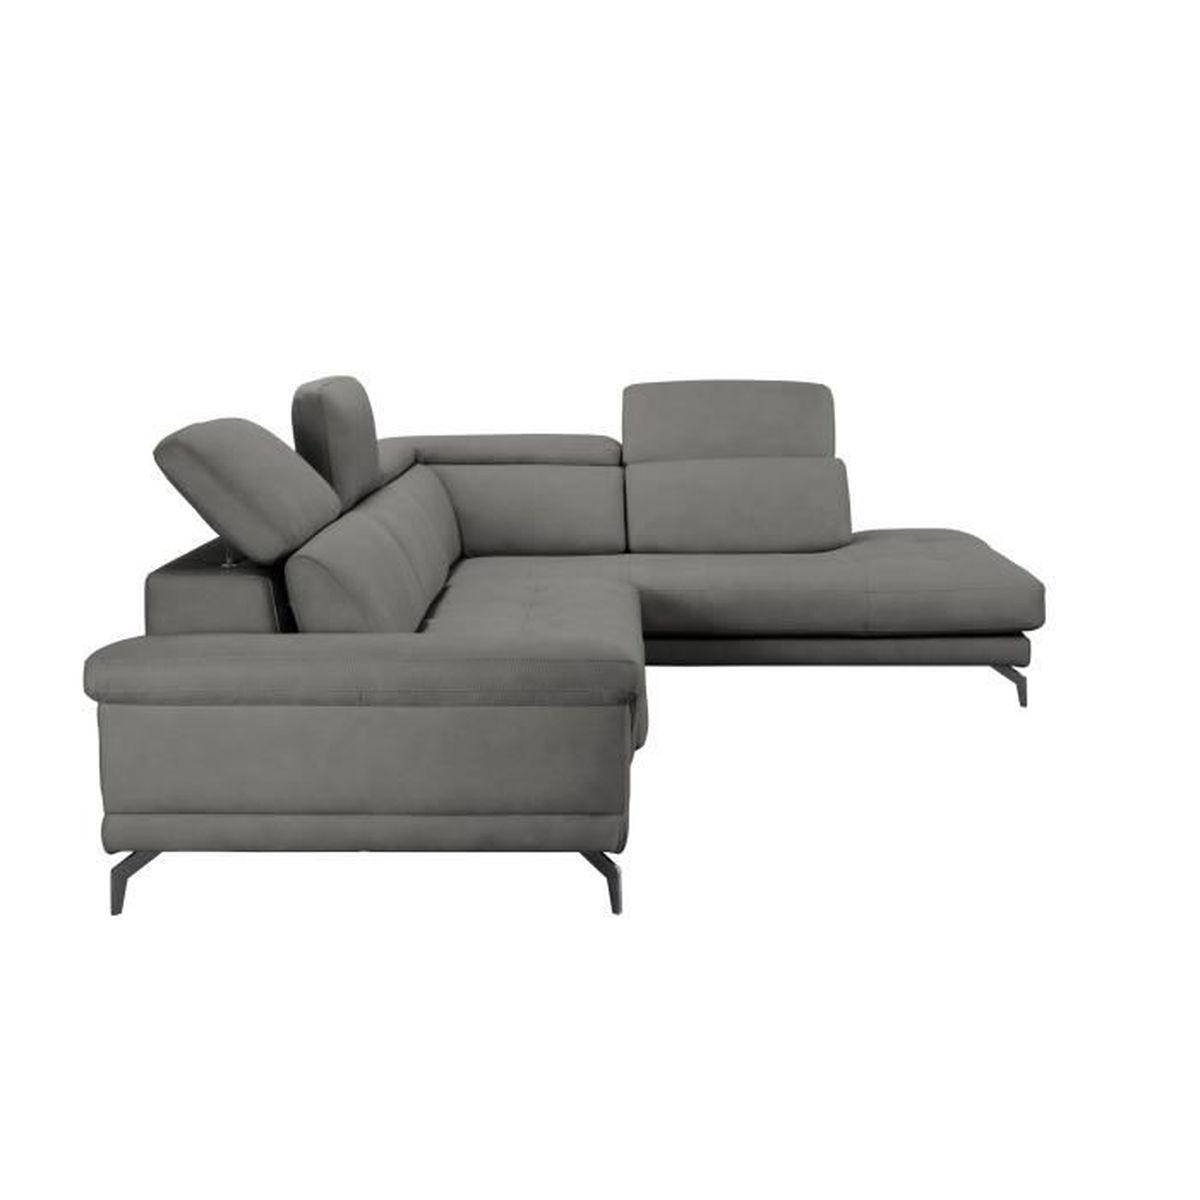 Bobochic Luna Panoramique Convertible canapé d'angle gris avec méridienne calista